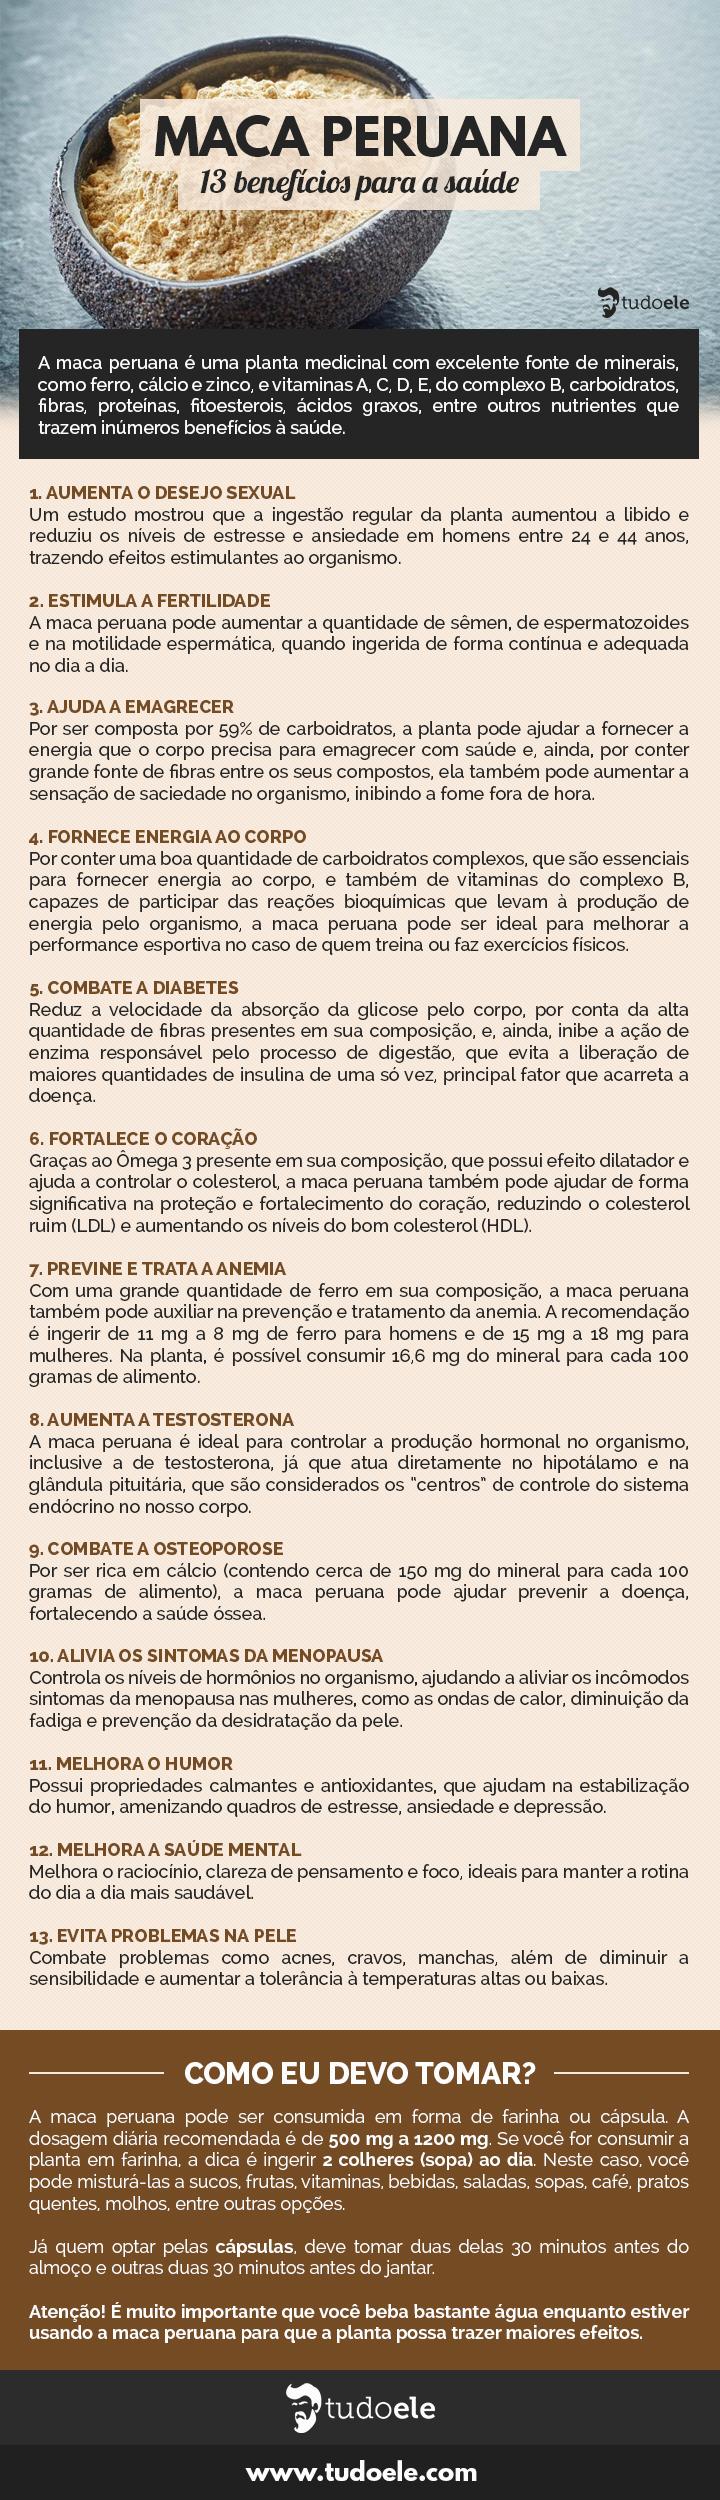 Maca Peruana Infográfico: 13 benefícios para a saúde